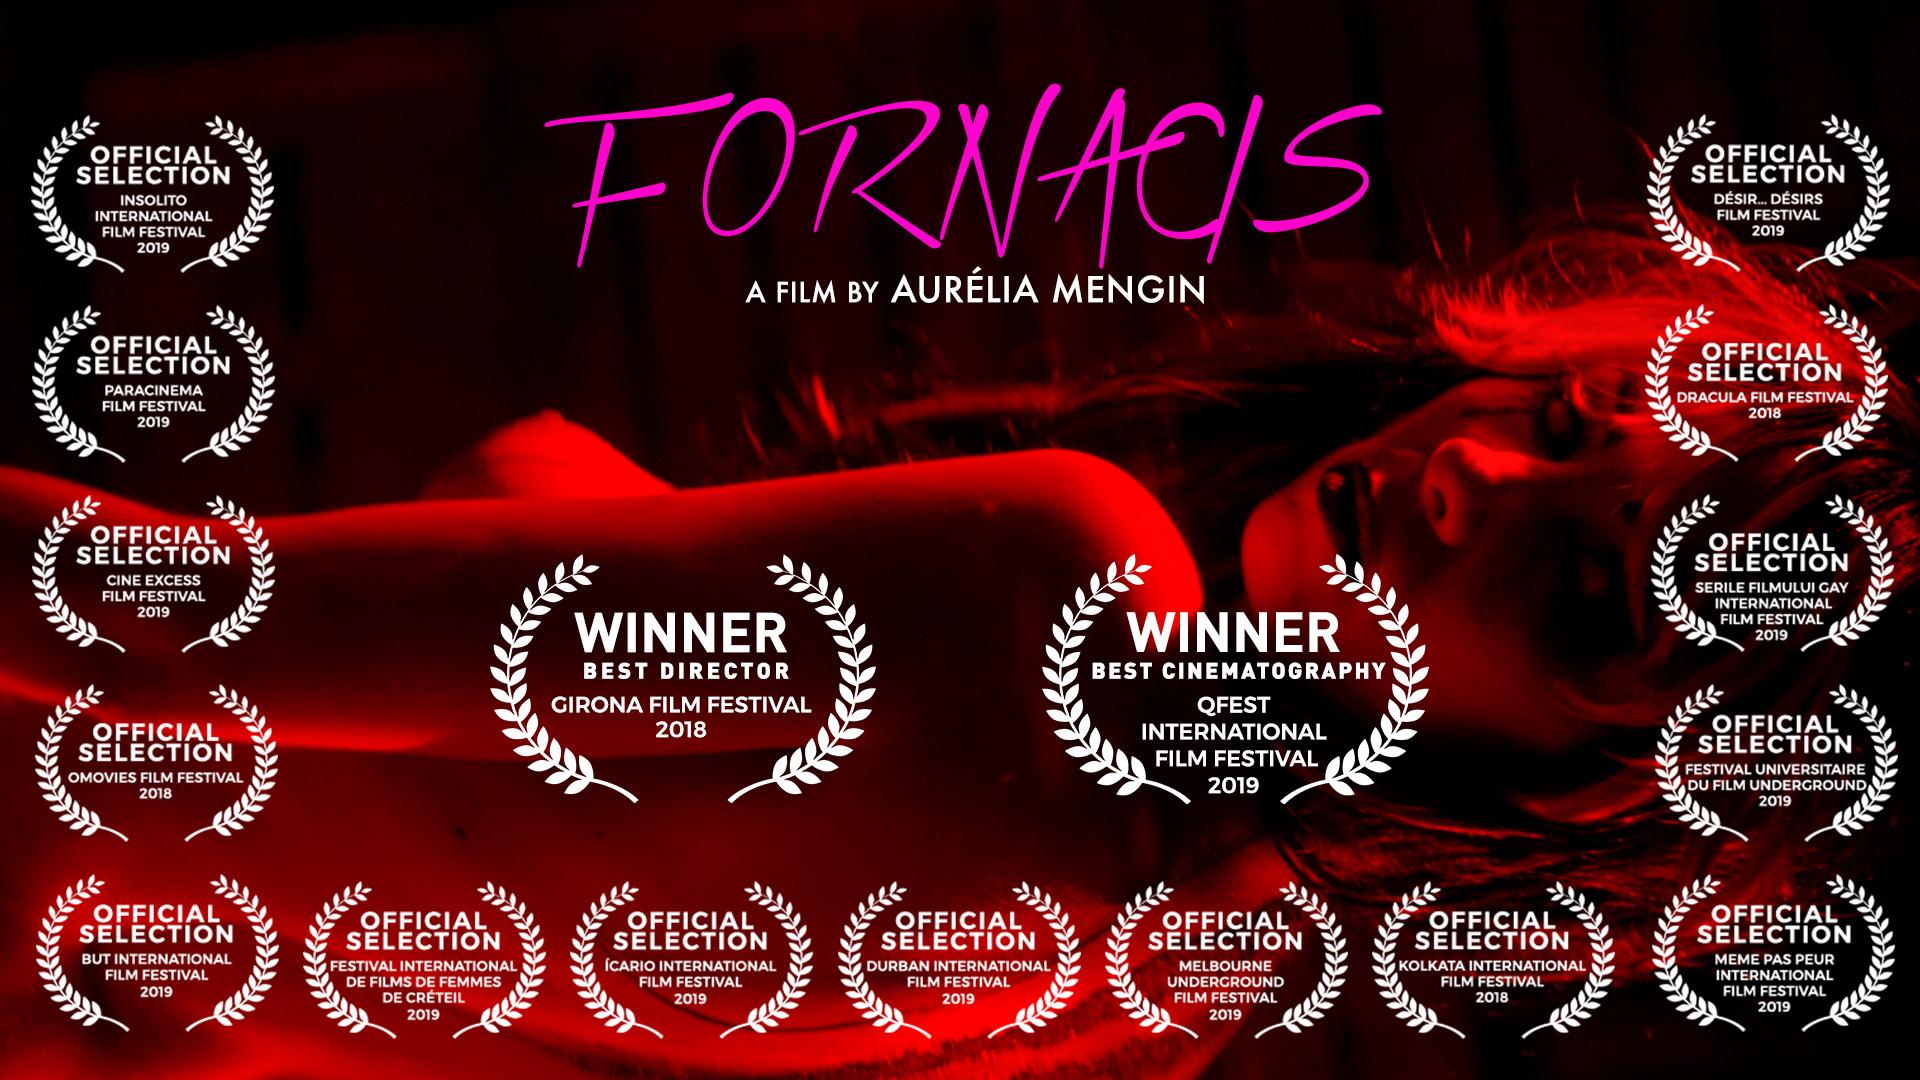 FORNACIS en Sélection Officielle à la 20ème Édition du Melbourne Underground International Film Festival en Australie